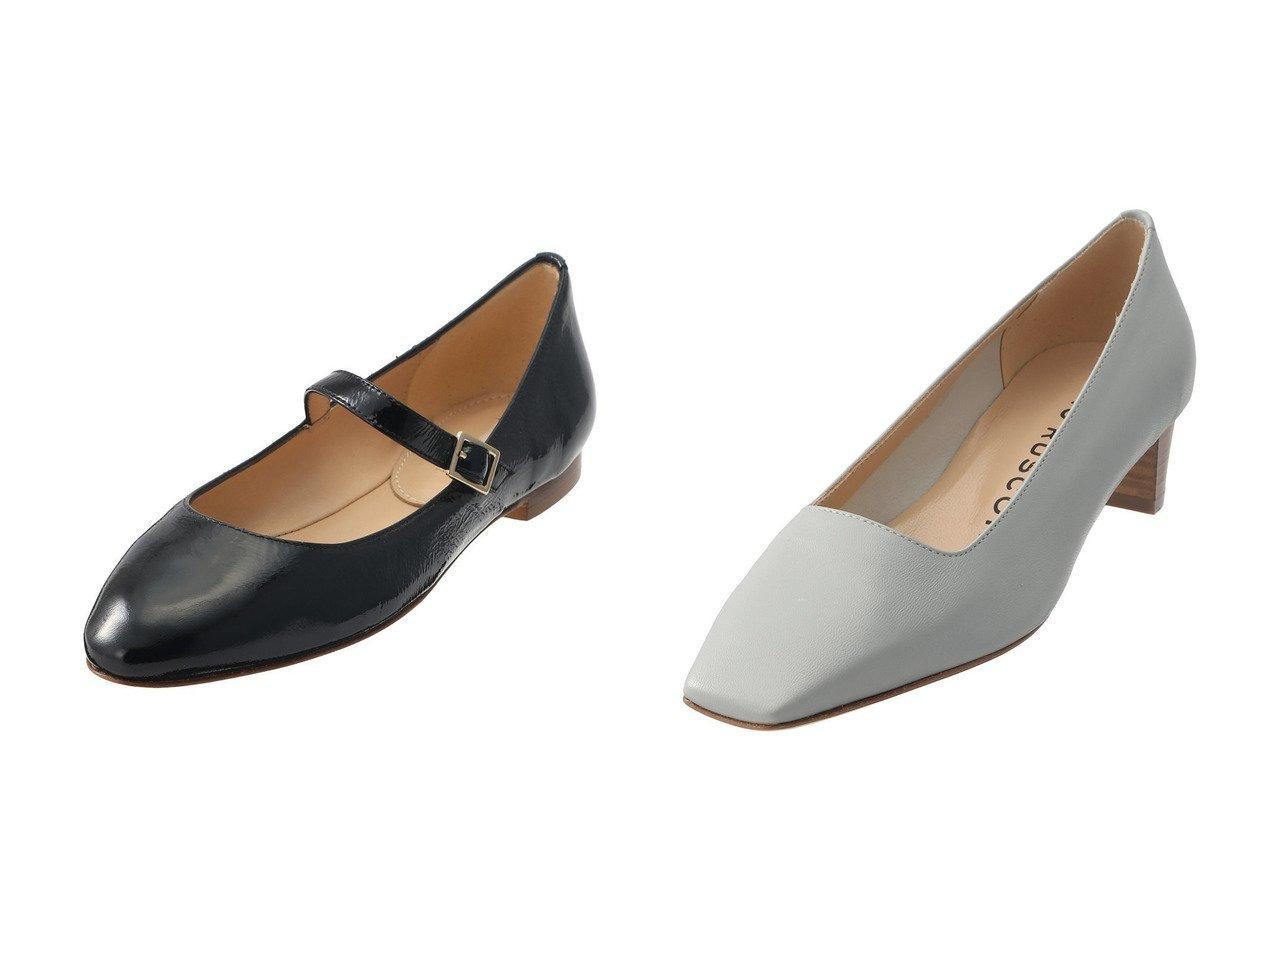 【heliopole/エリオポール】の【FABIO RUSCONI】メリージェーンフラットシューズ&【FABIO RUSCONI】スクエアパンプス 【シューズ・靴】おすすめ!人気、トレンド・レディースファッションの通販 おすすめで人気の流行・トレンド、ファッションの通販商品 メンズファッション・キッズファッション・インテリア・家具・レディースファッション・服の通販 founy(ファニー) https://founy.com/ ファッション Fashion レディースファッション WOMEN ウッド シンプル スクエア クラシカル ストラップシューズ ソックス フェミニン |ID:crp329100000030195